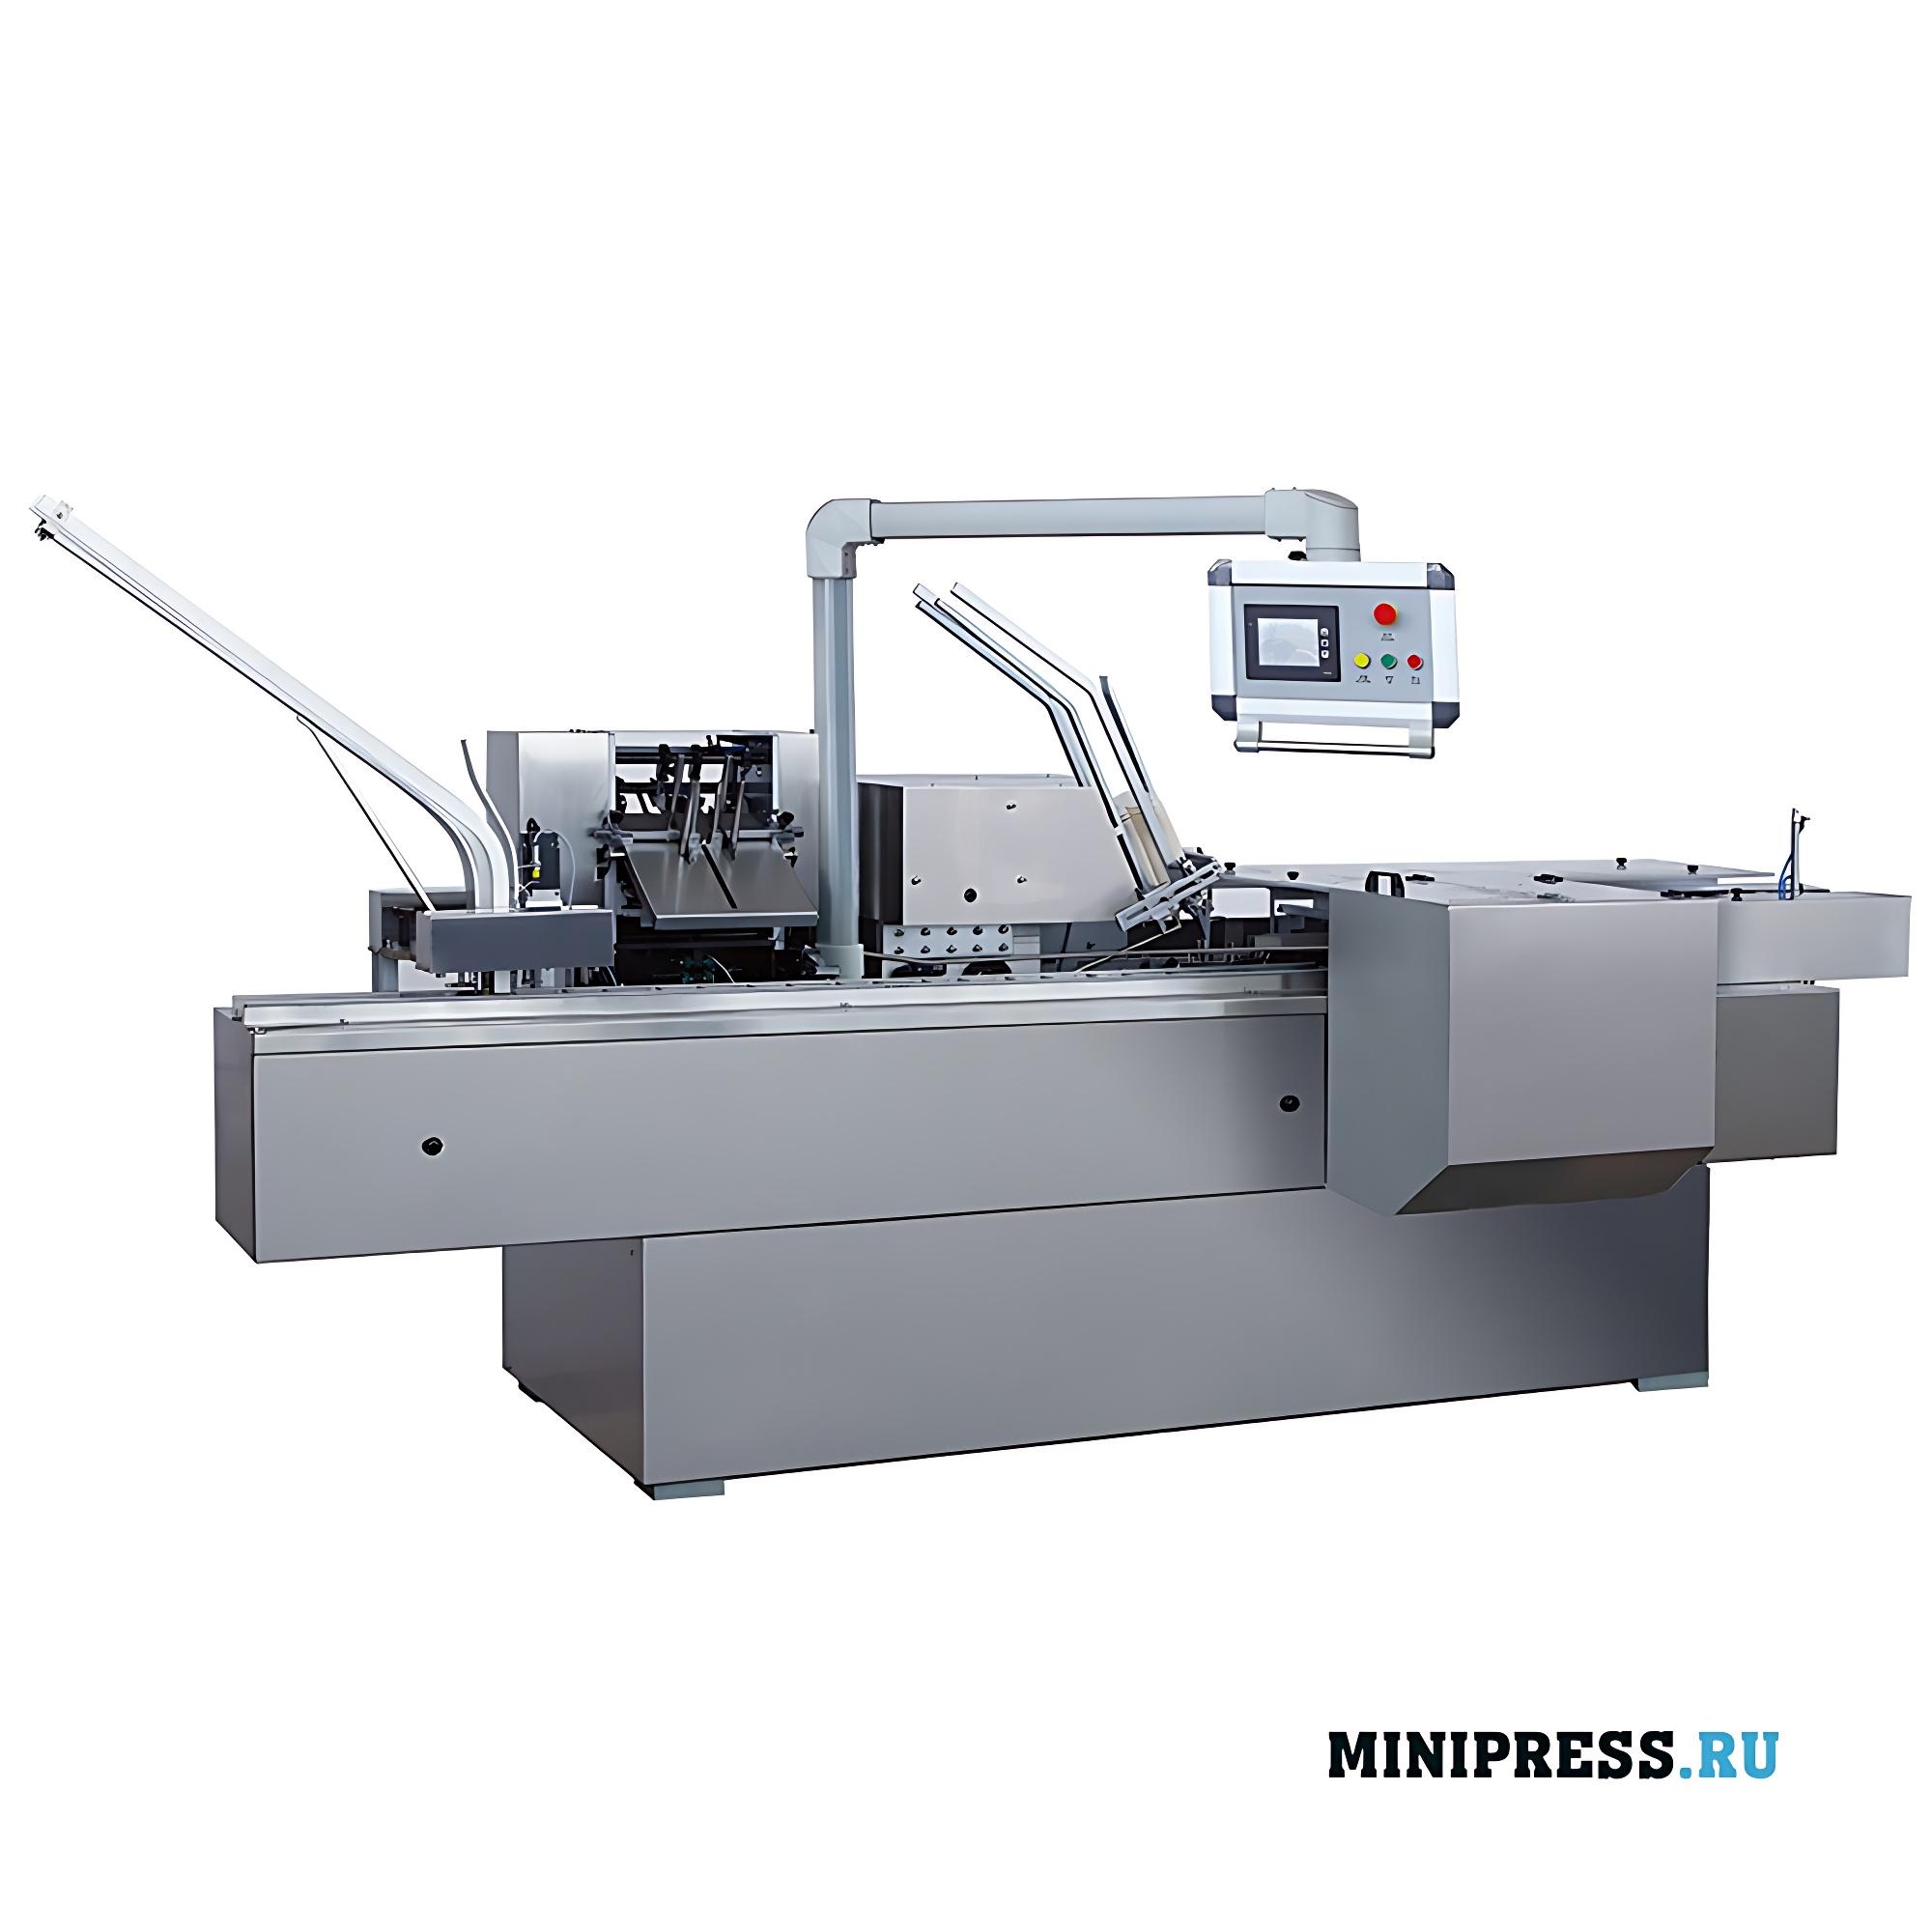 Автоматическое картонажное оборудование